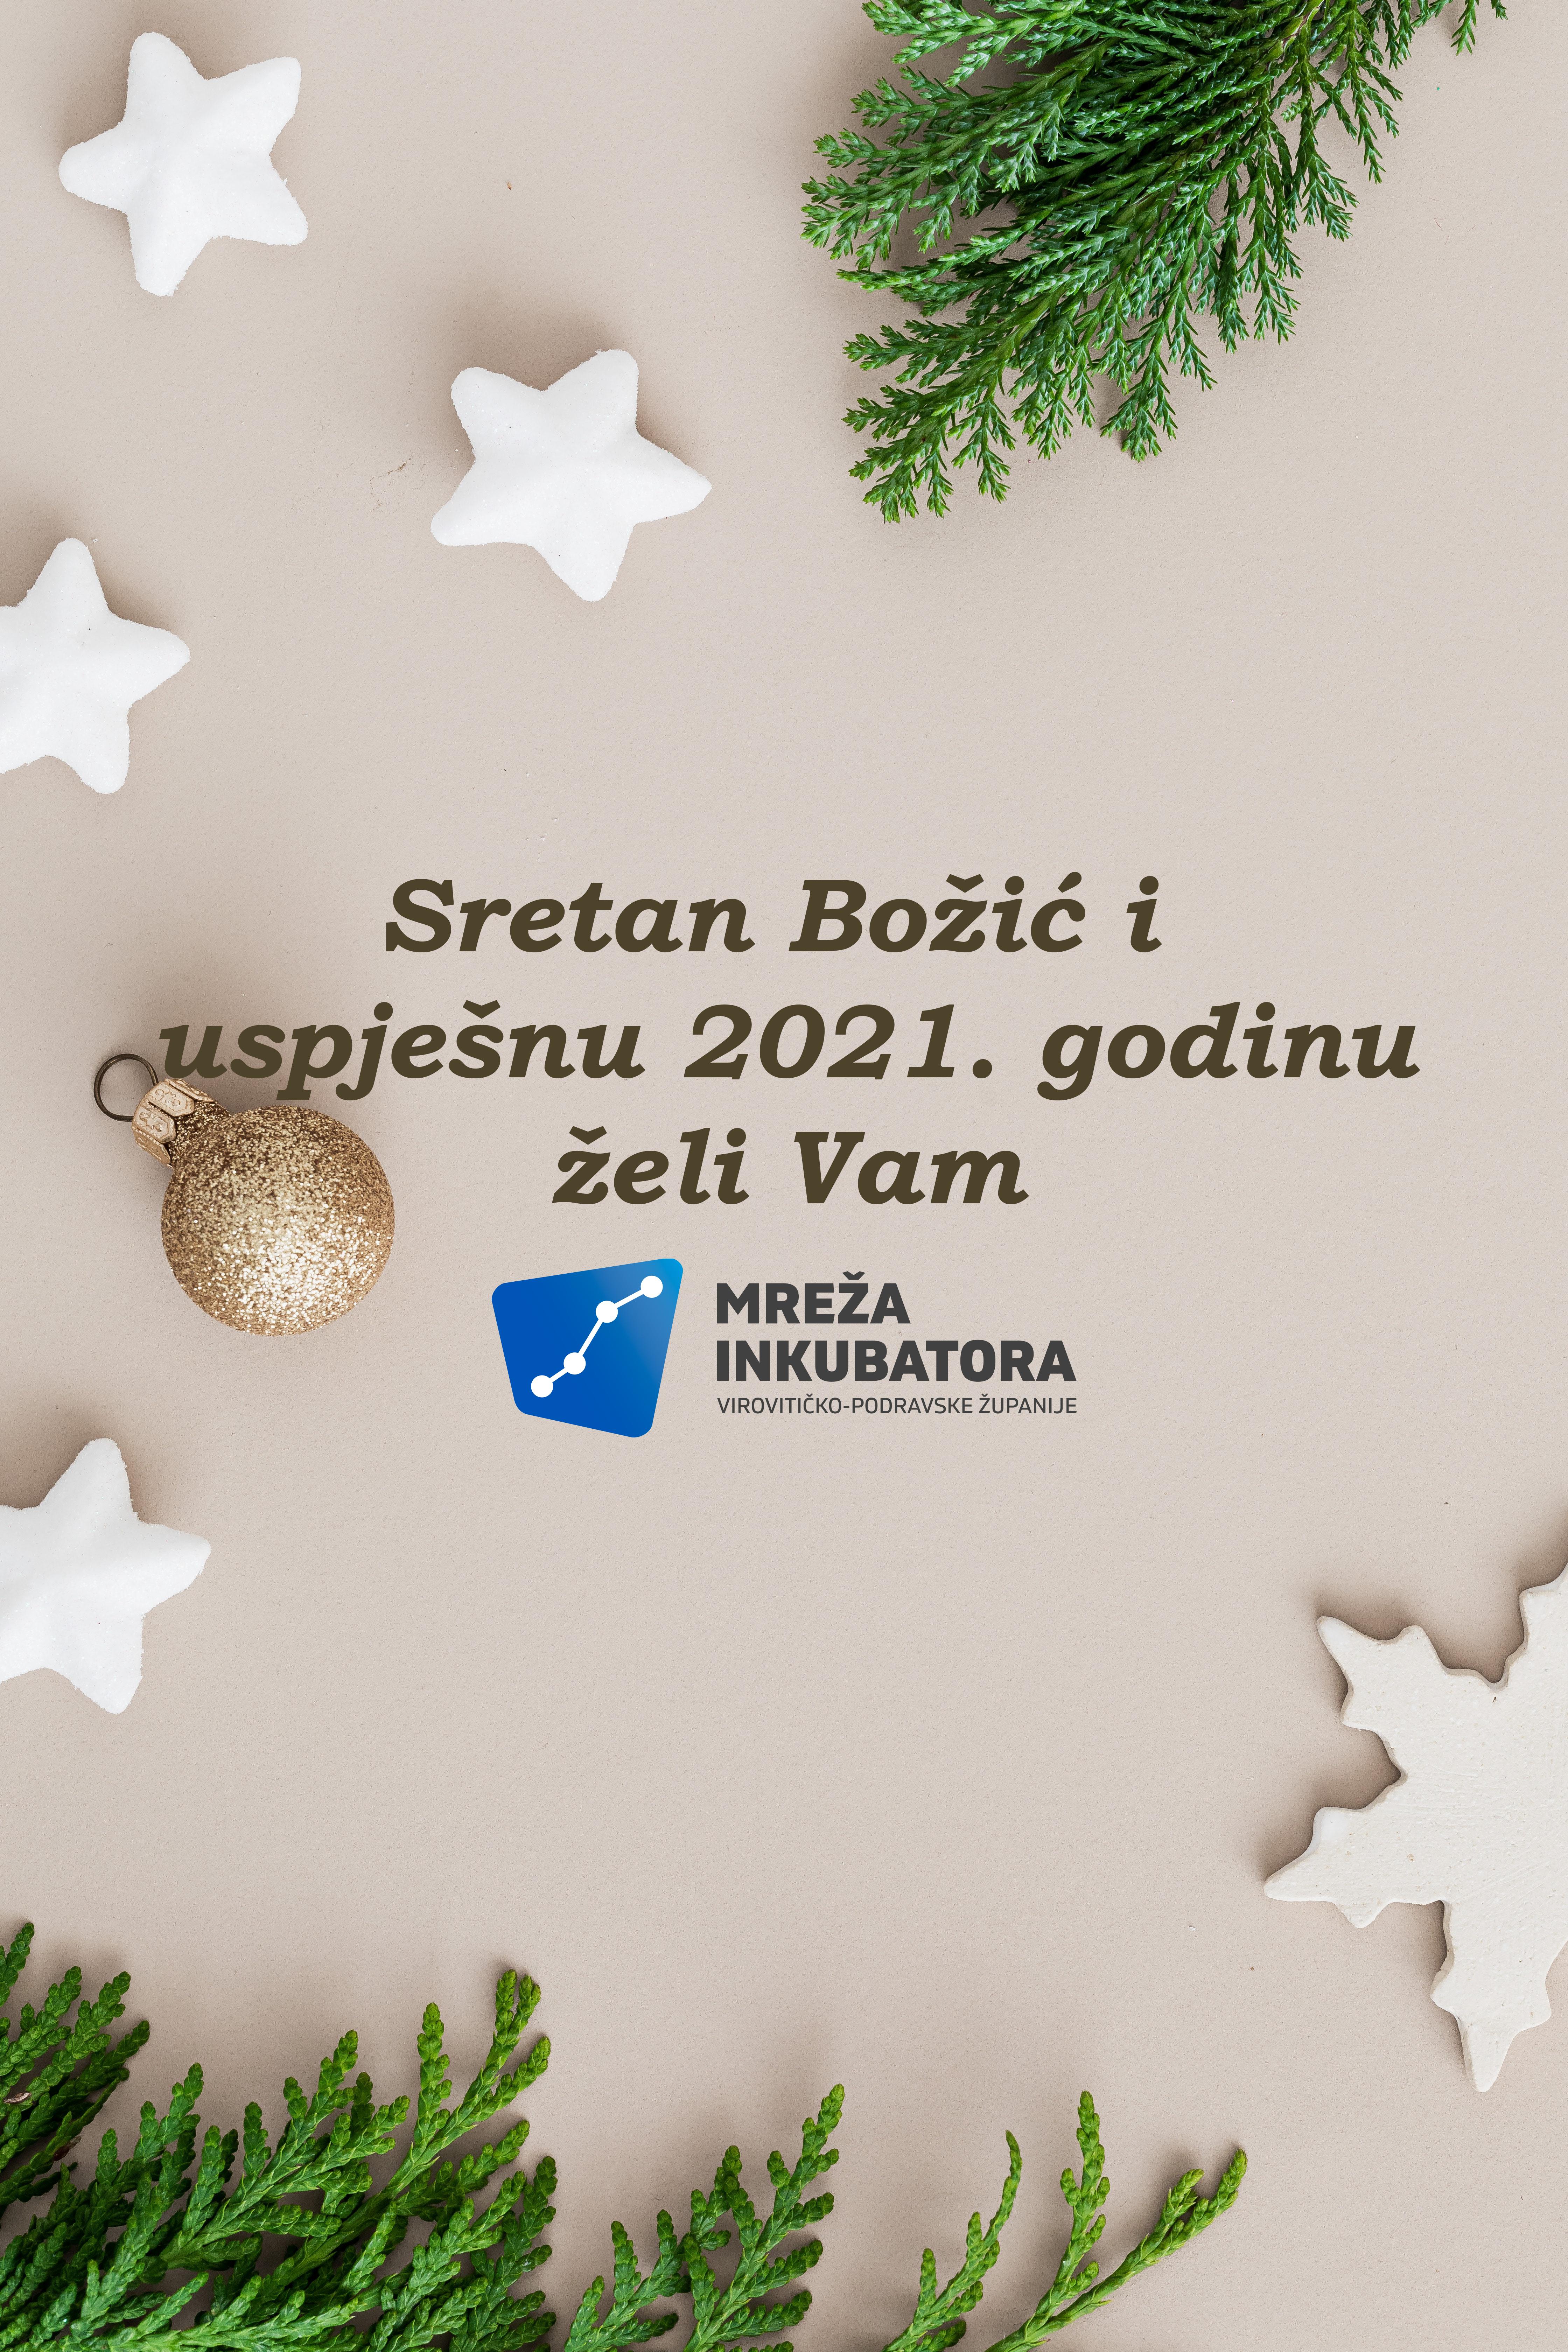 Sretan Božić i uspješnu 2021. godinu želi Vam Mreža inkubatora VPŽ